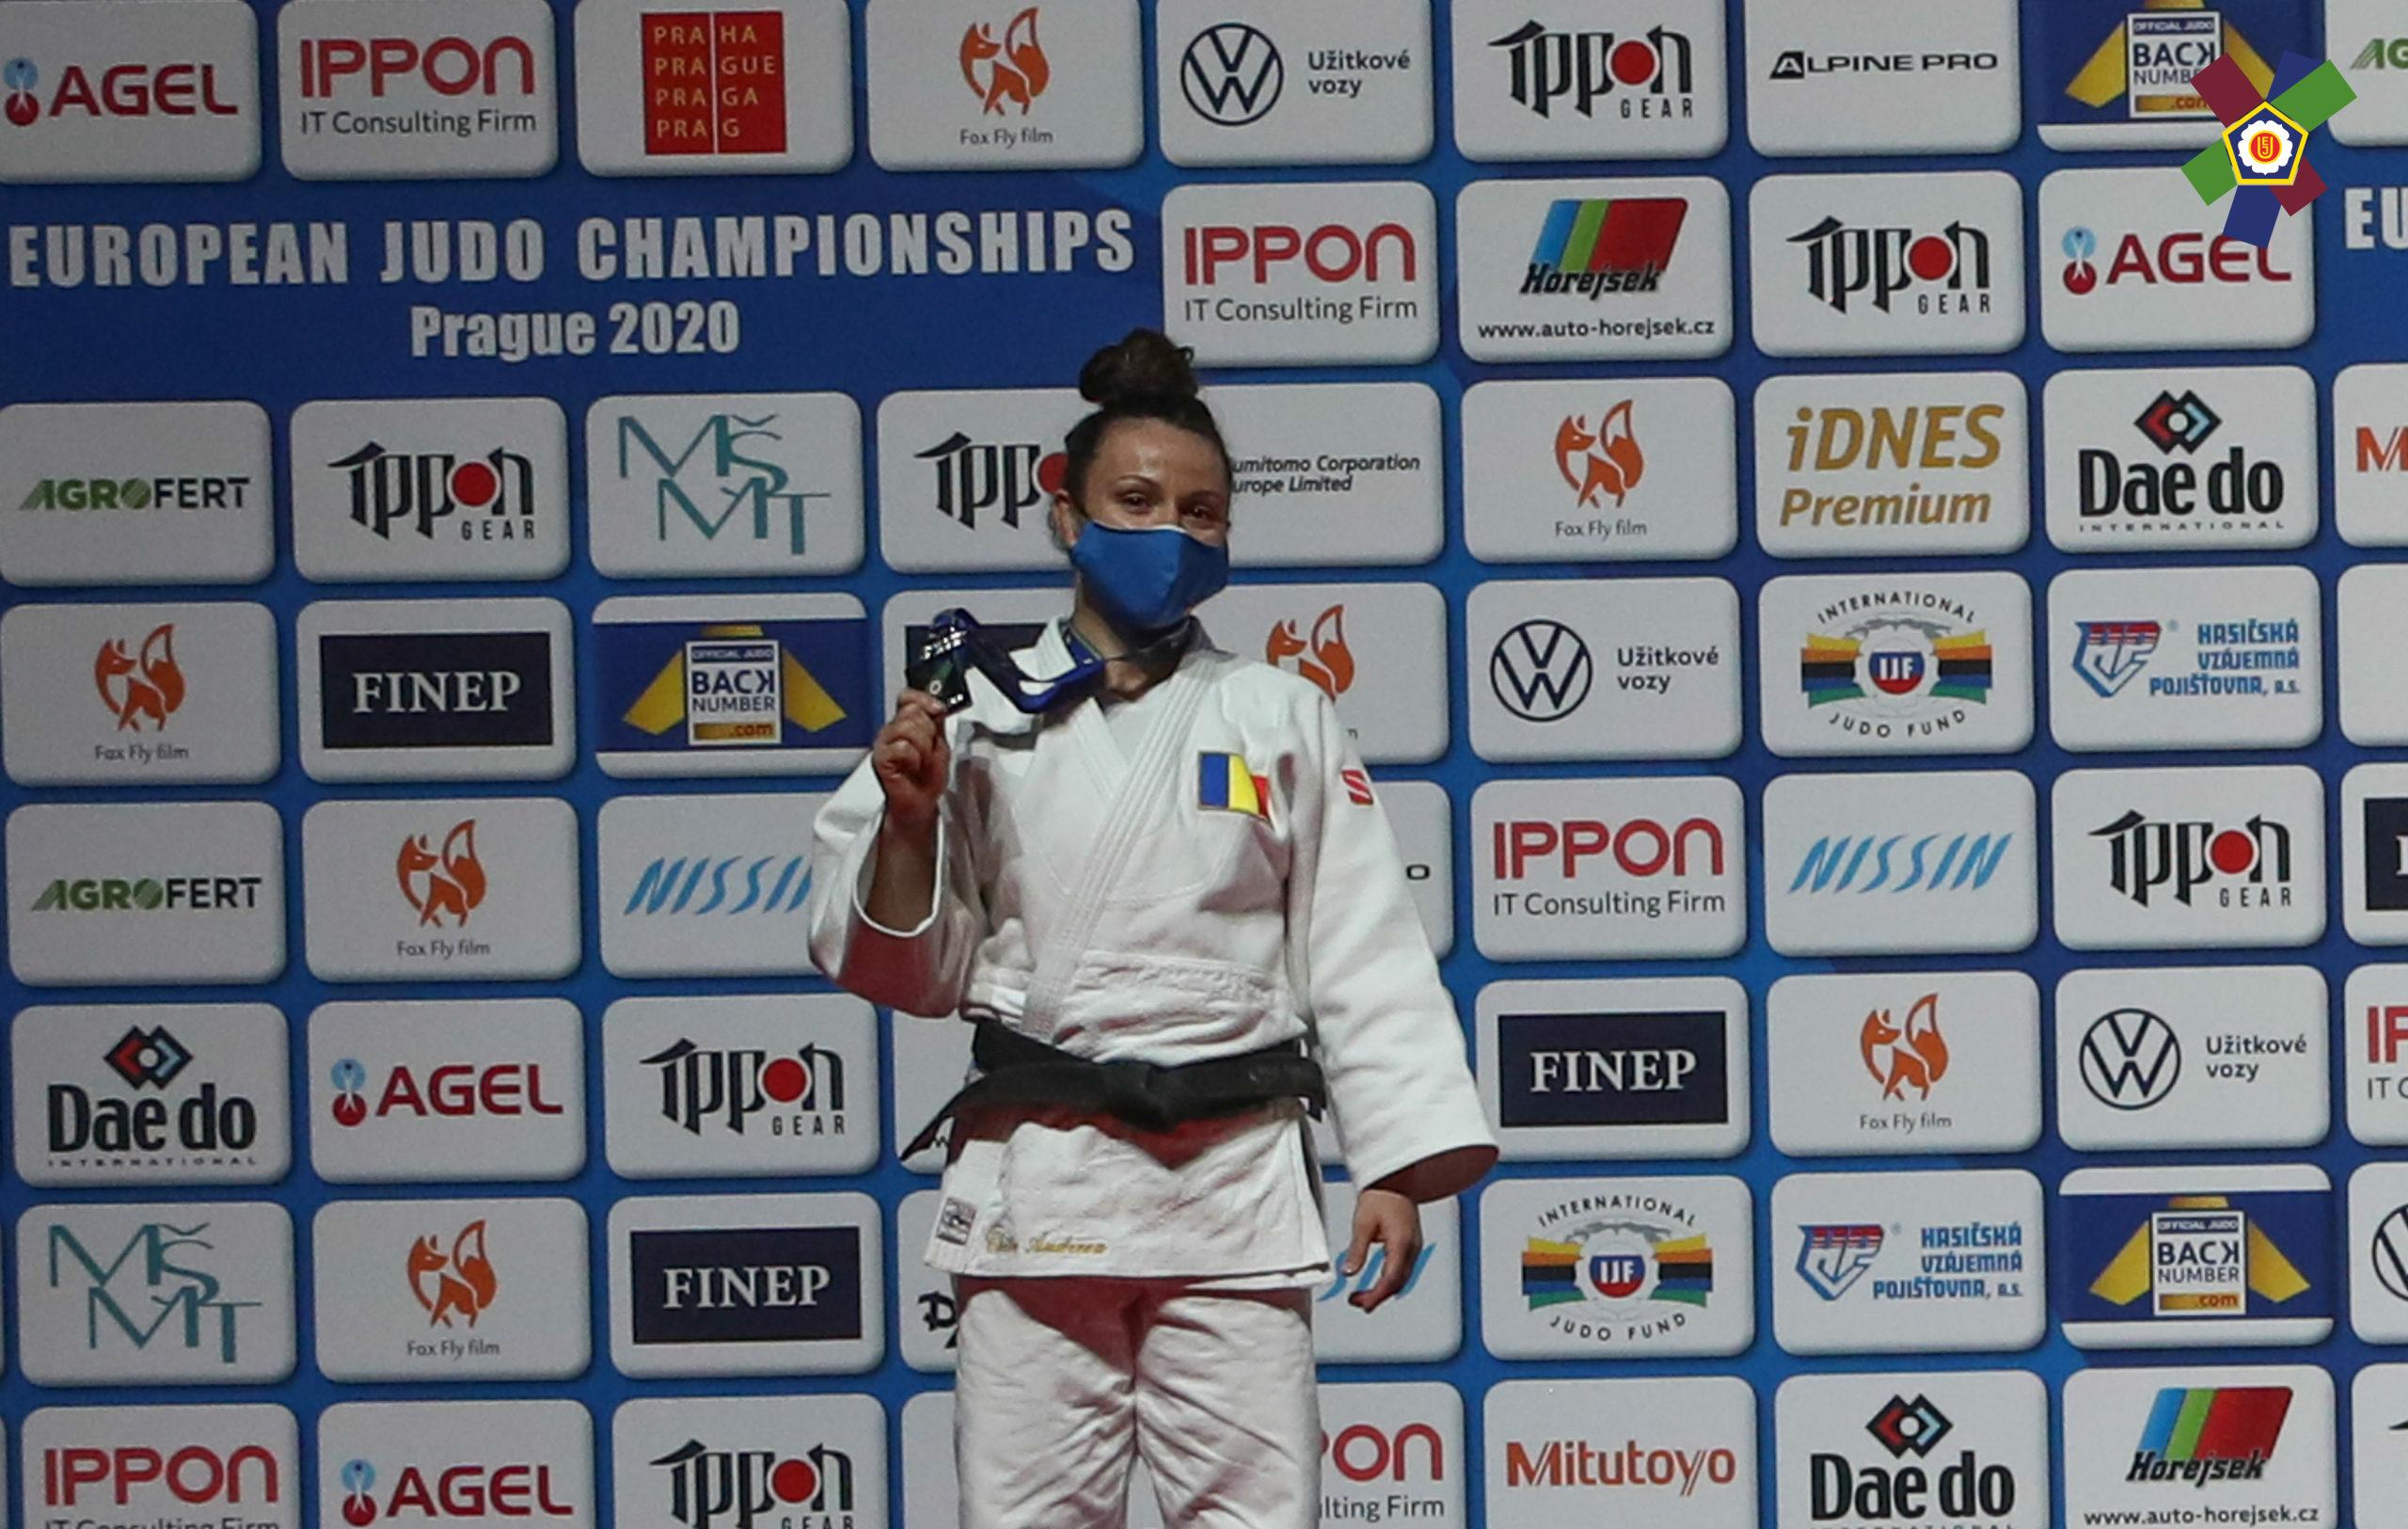 Veste superbă pentru sportul românesc! Andreea Chițu a câștigat medalia de argint la Campionatele Europene de Judo de la Praga